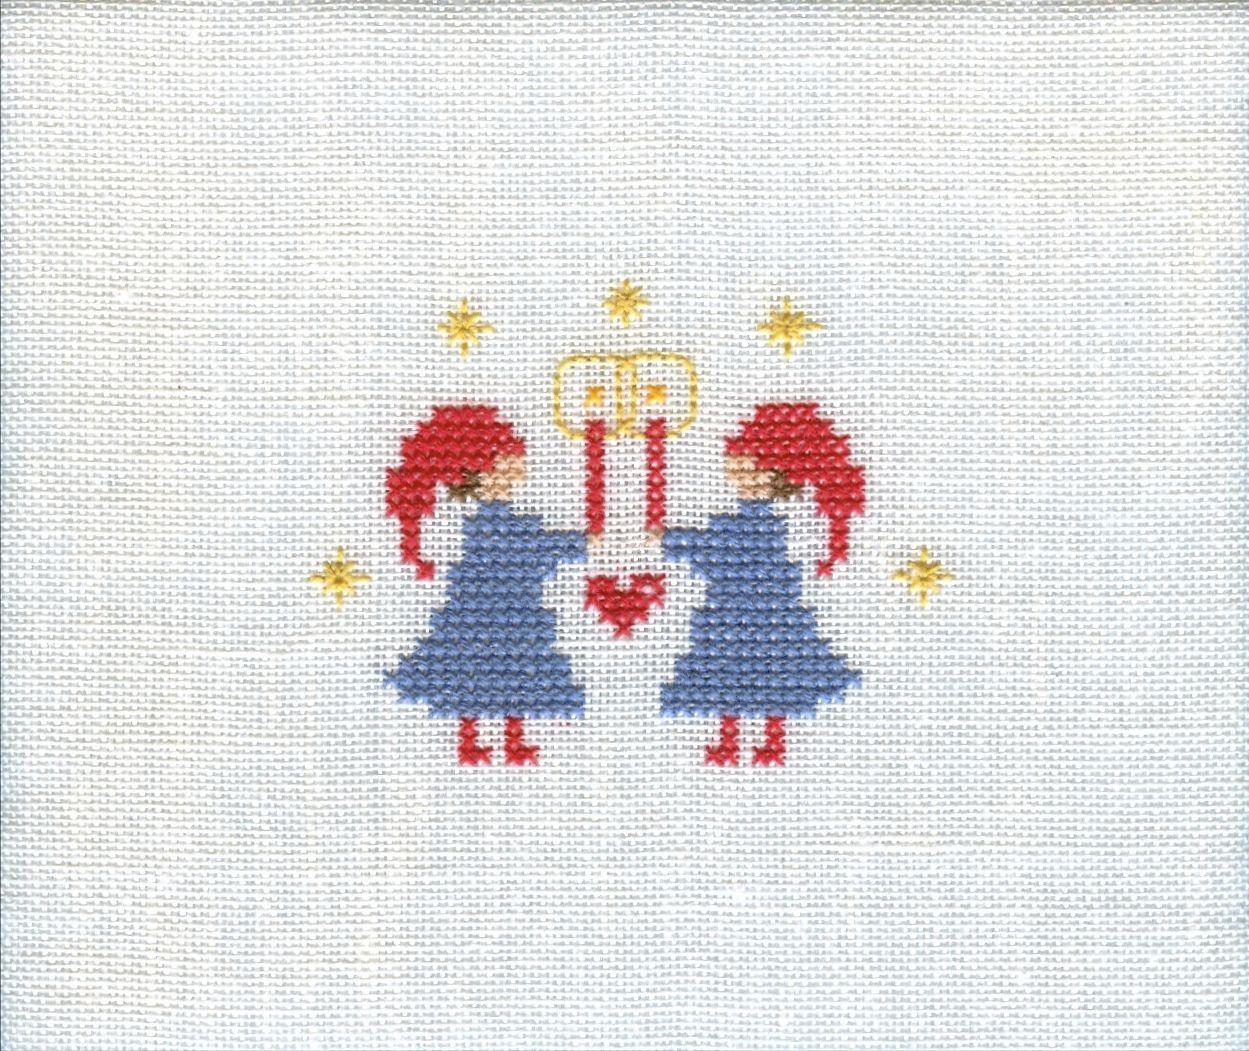 Christmas Peace (Scandinavian Stitches) | Cross Stitch Patterns ...